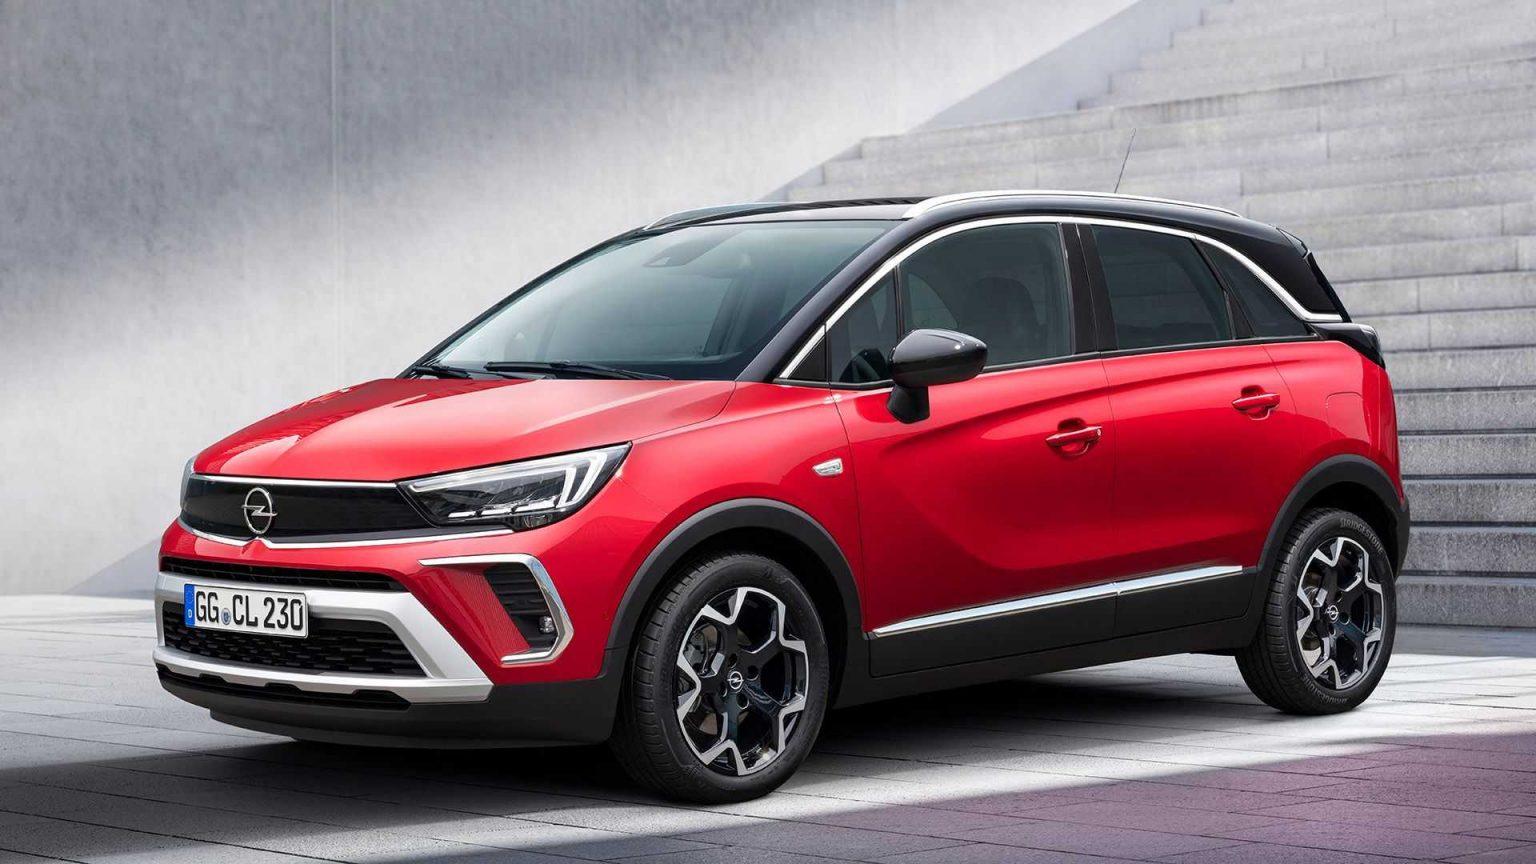 Opel Crossland 2021 Edition Preis und Technische Daten ...